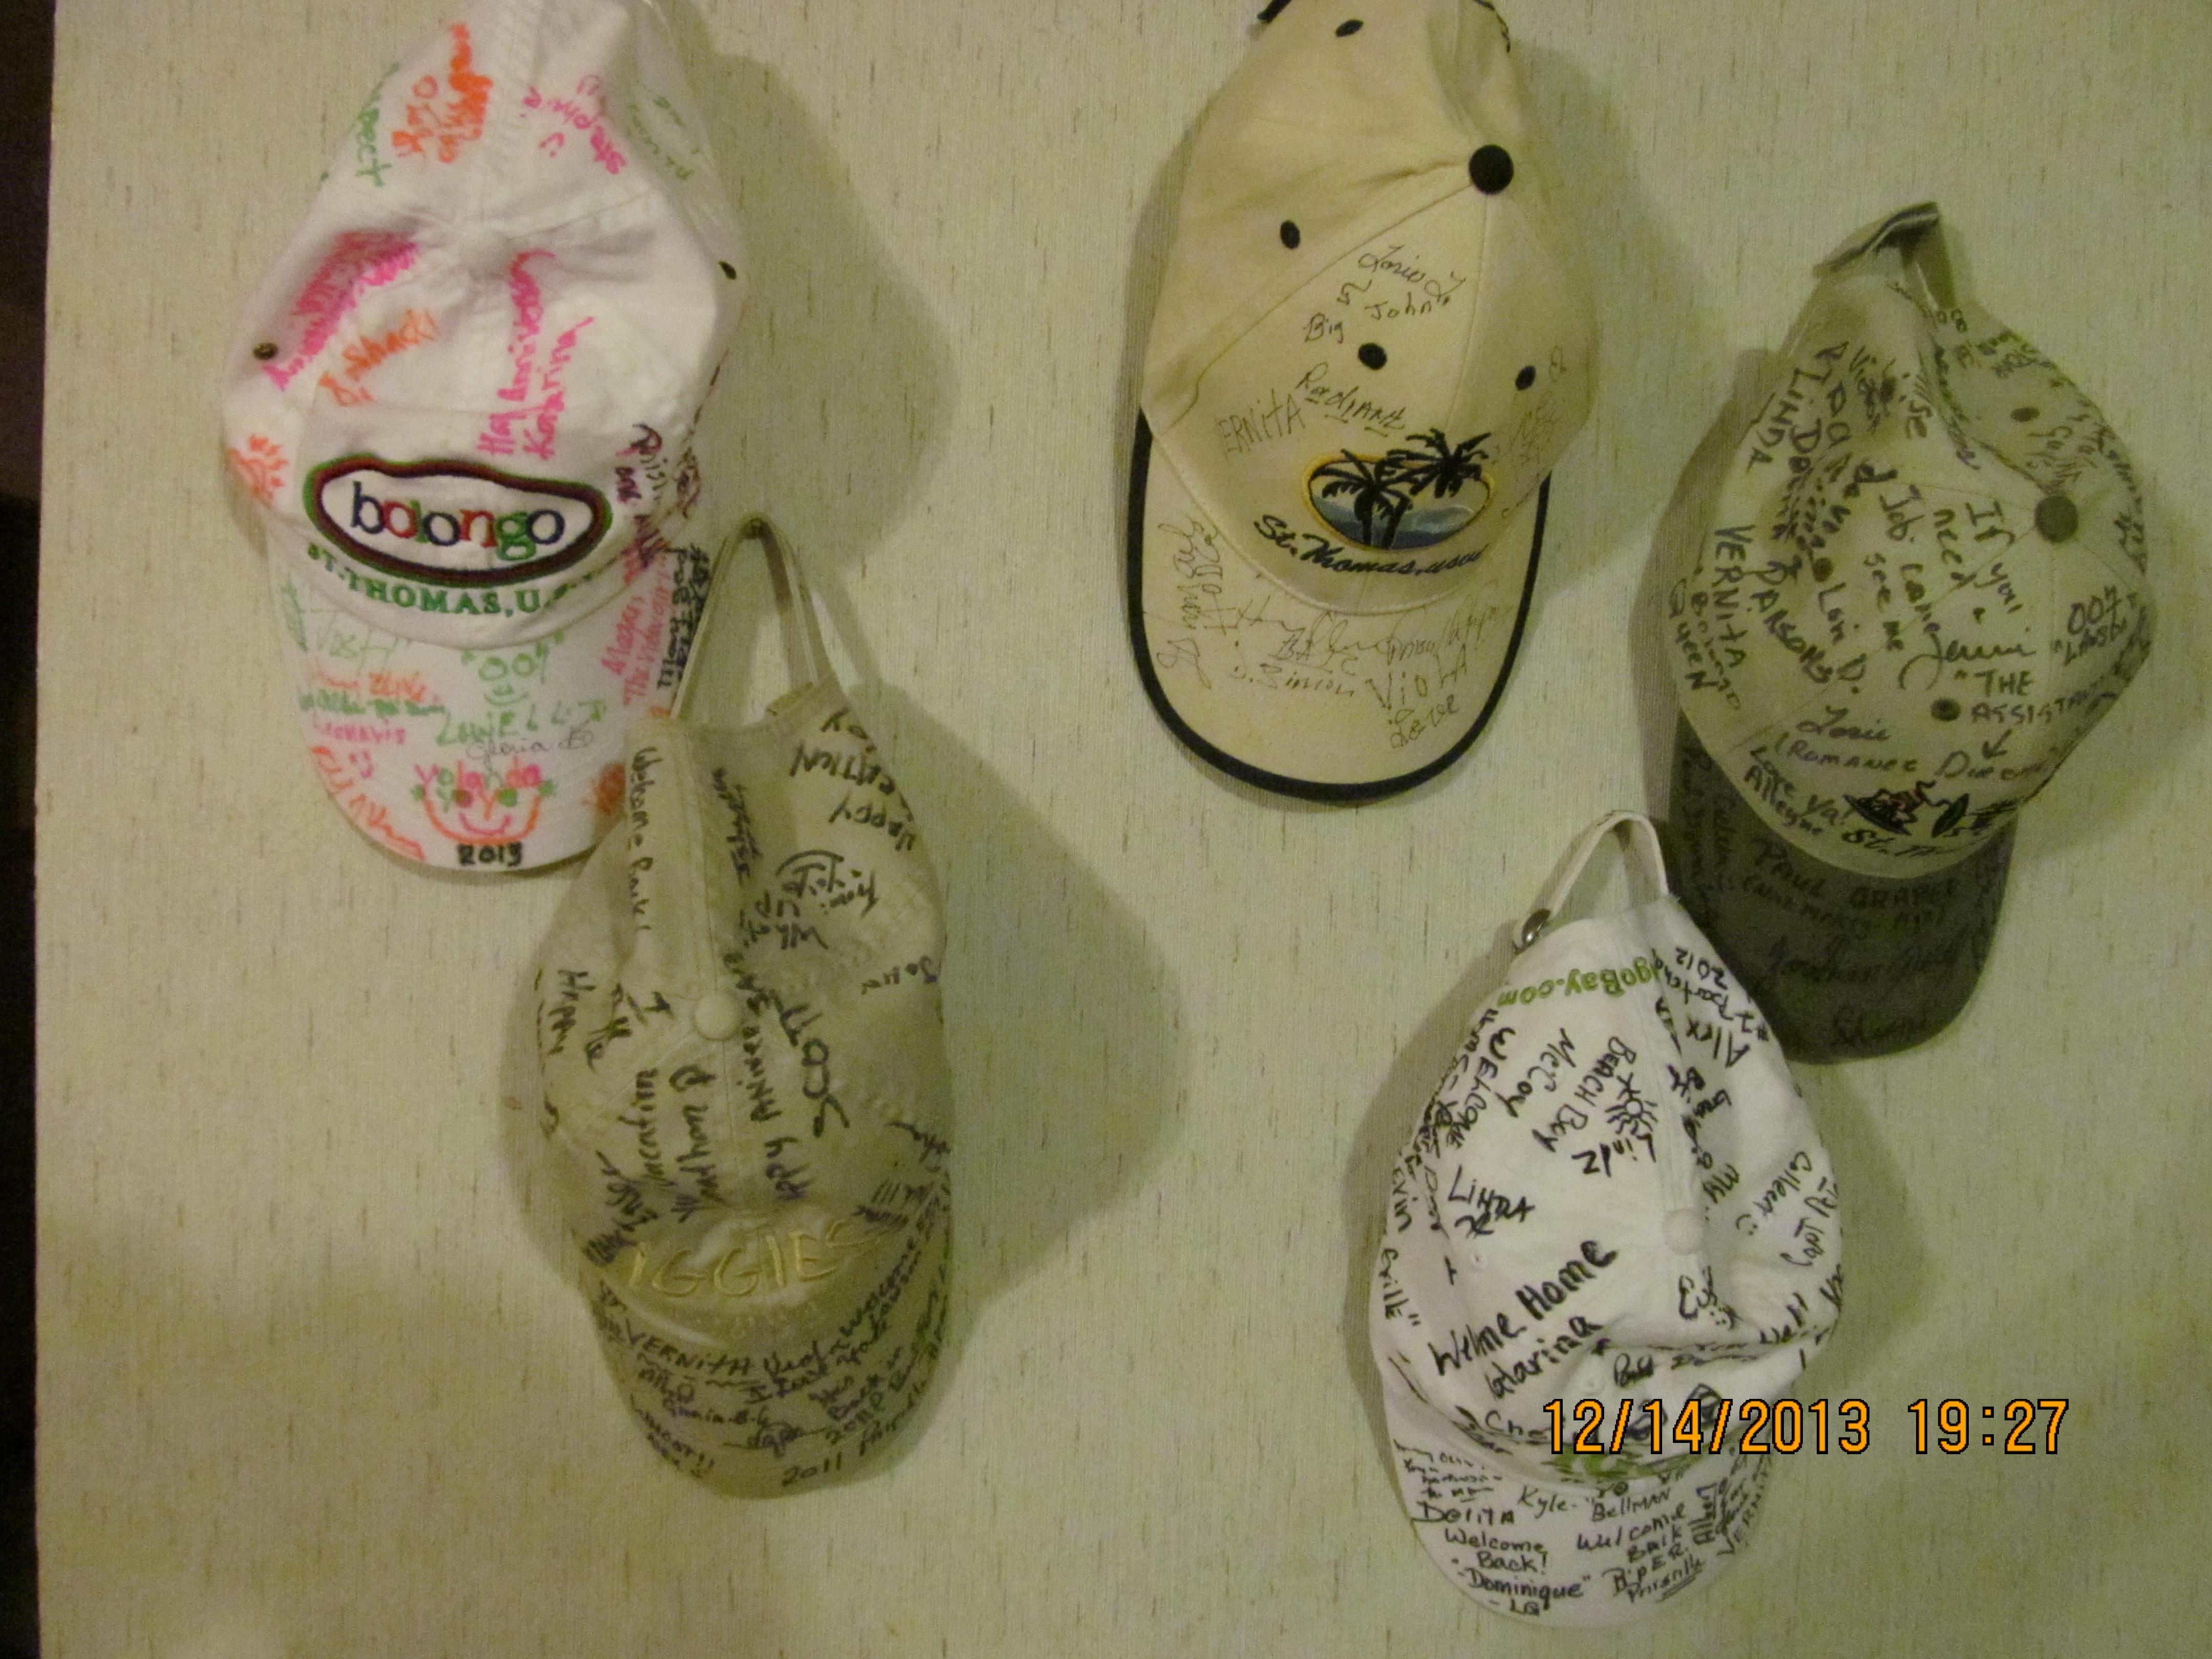 Bruce Kimball hats